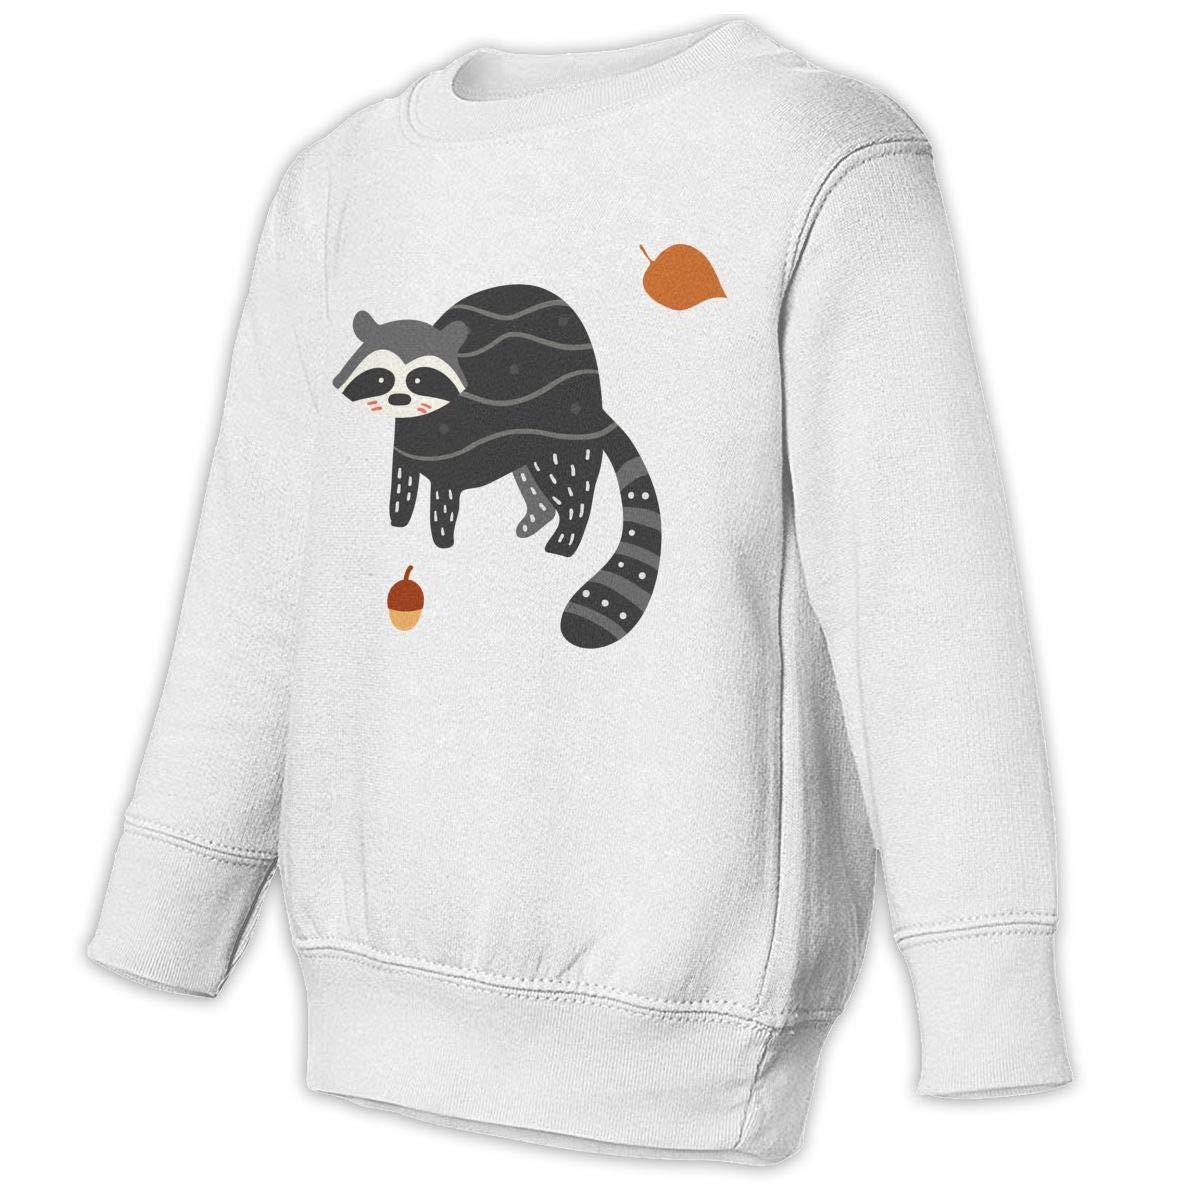 Raccoon Unisex Toddler Hoodies Fleece Pull Over Sweatshirt for Boys Girls Kids Youth